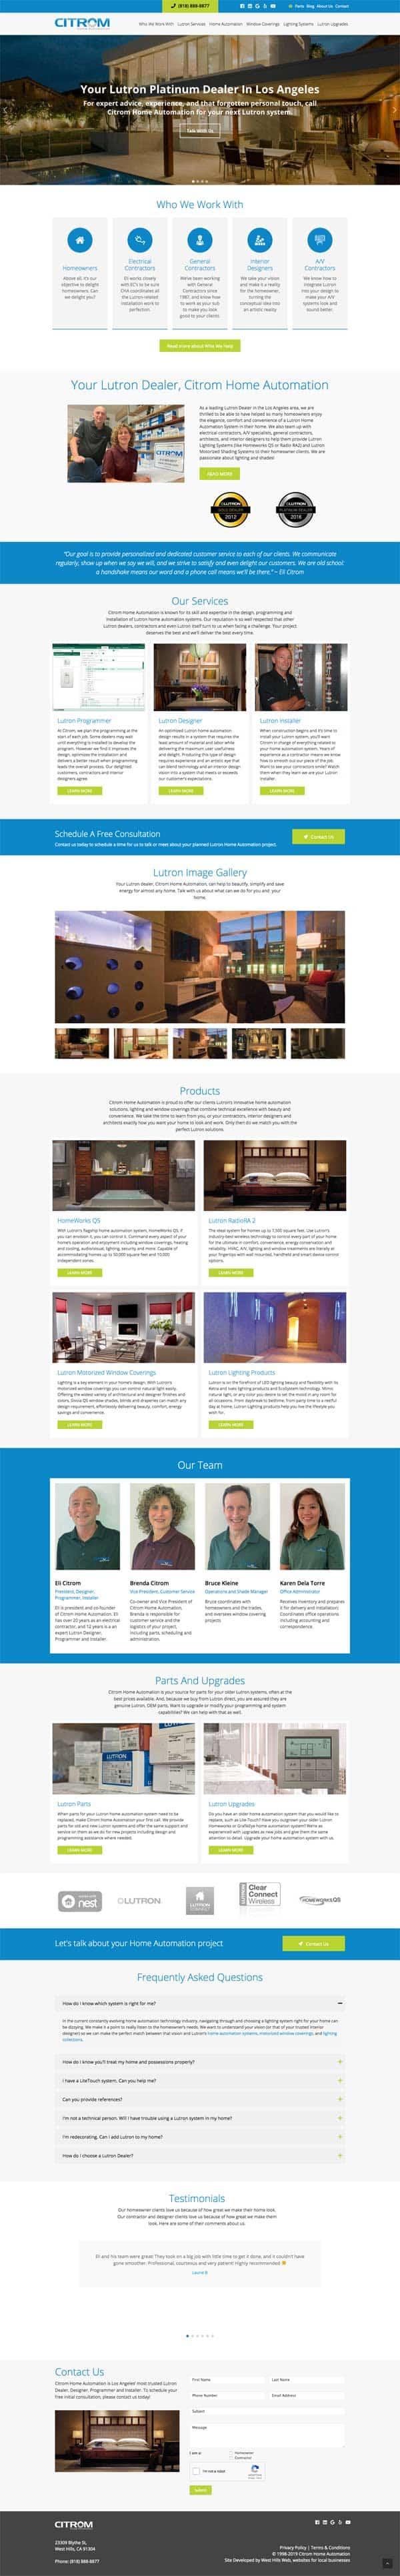 Citrom Home Automation - Los Angeles Lutron Dealer